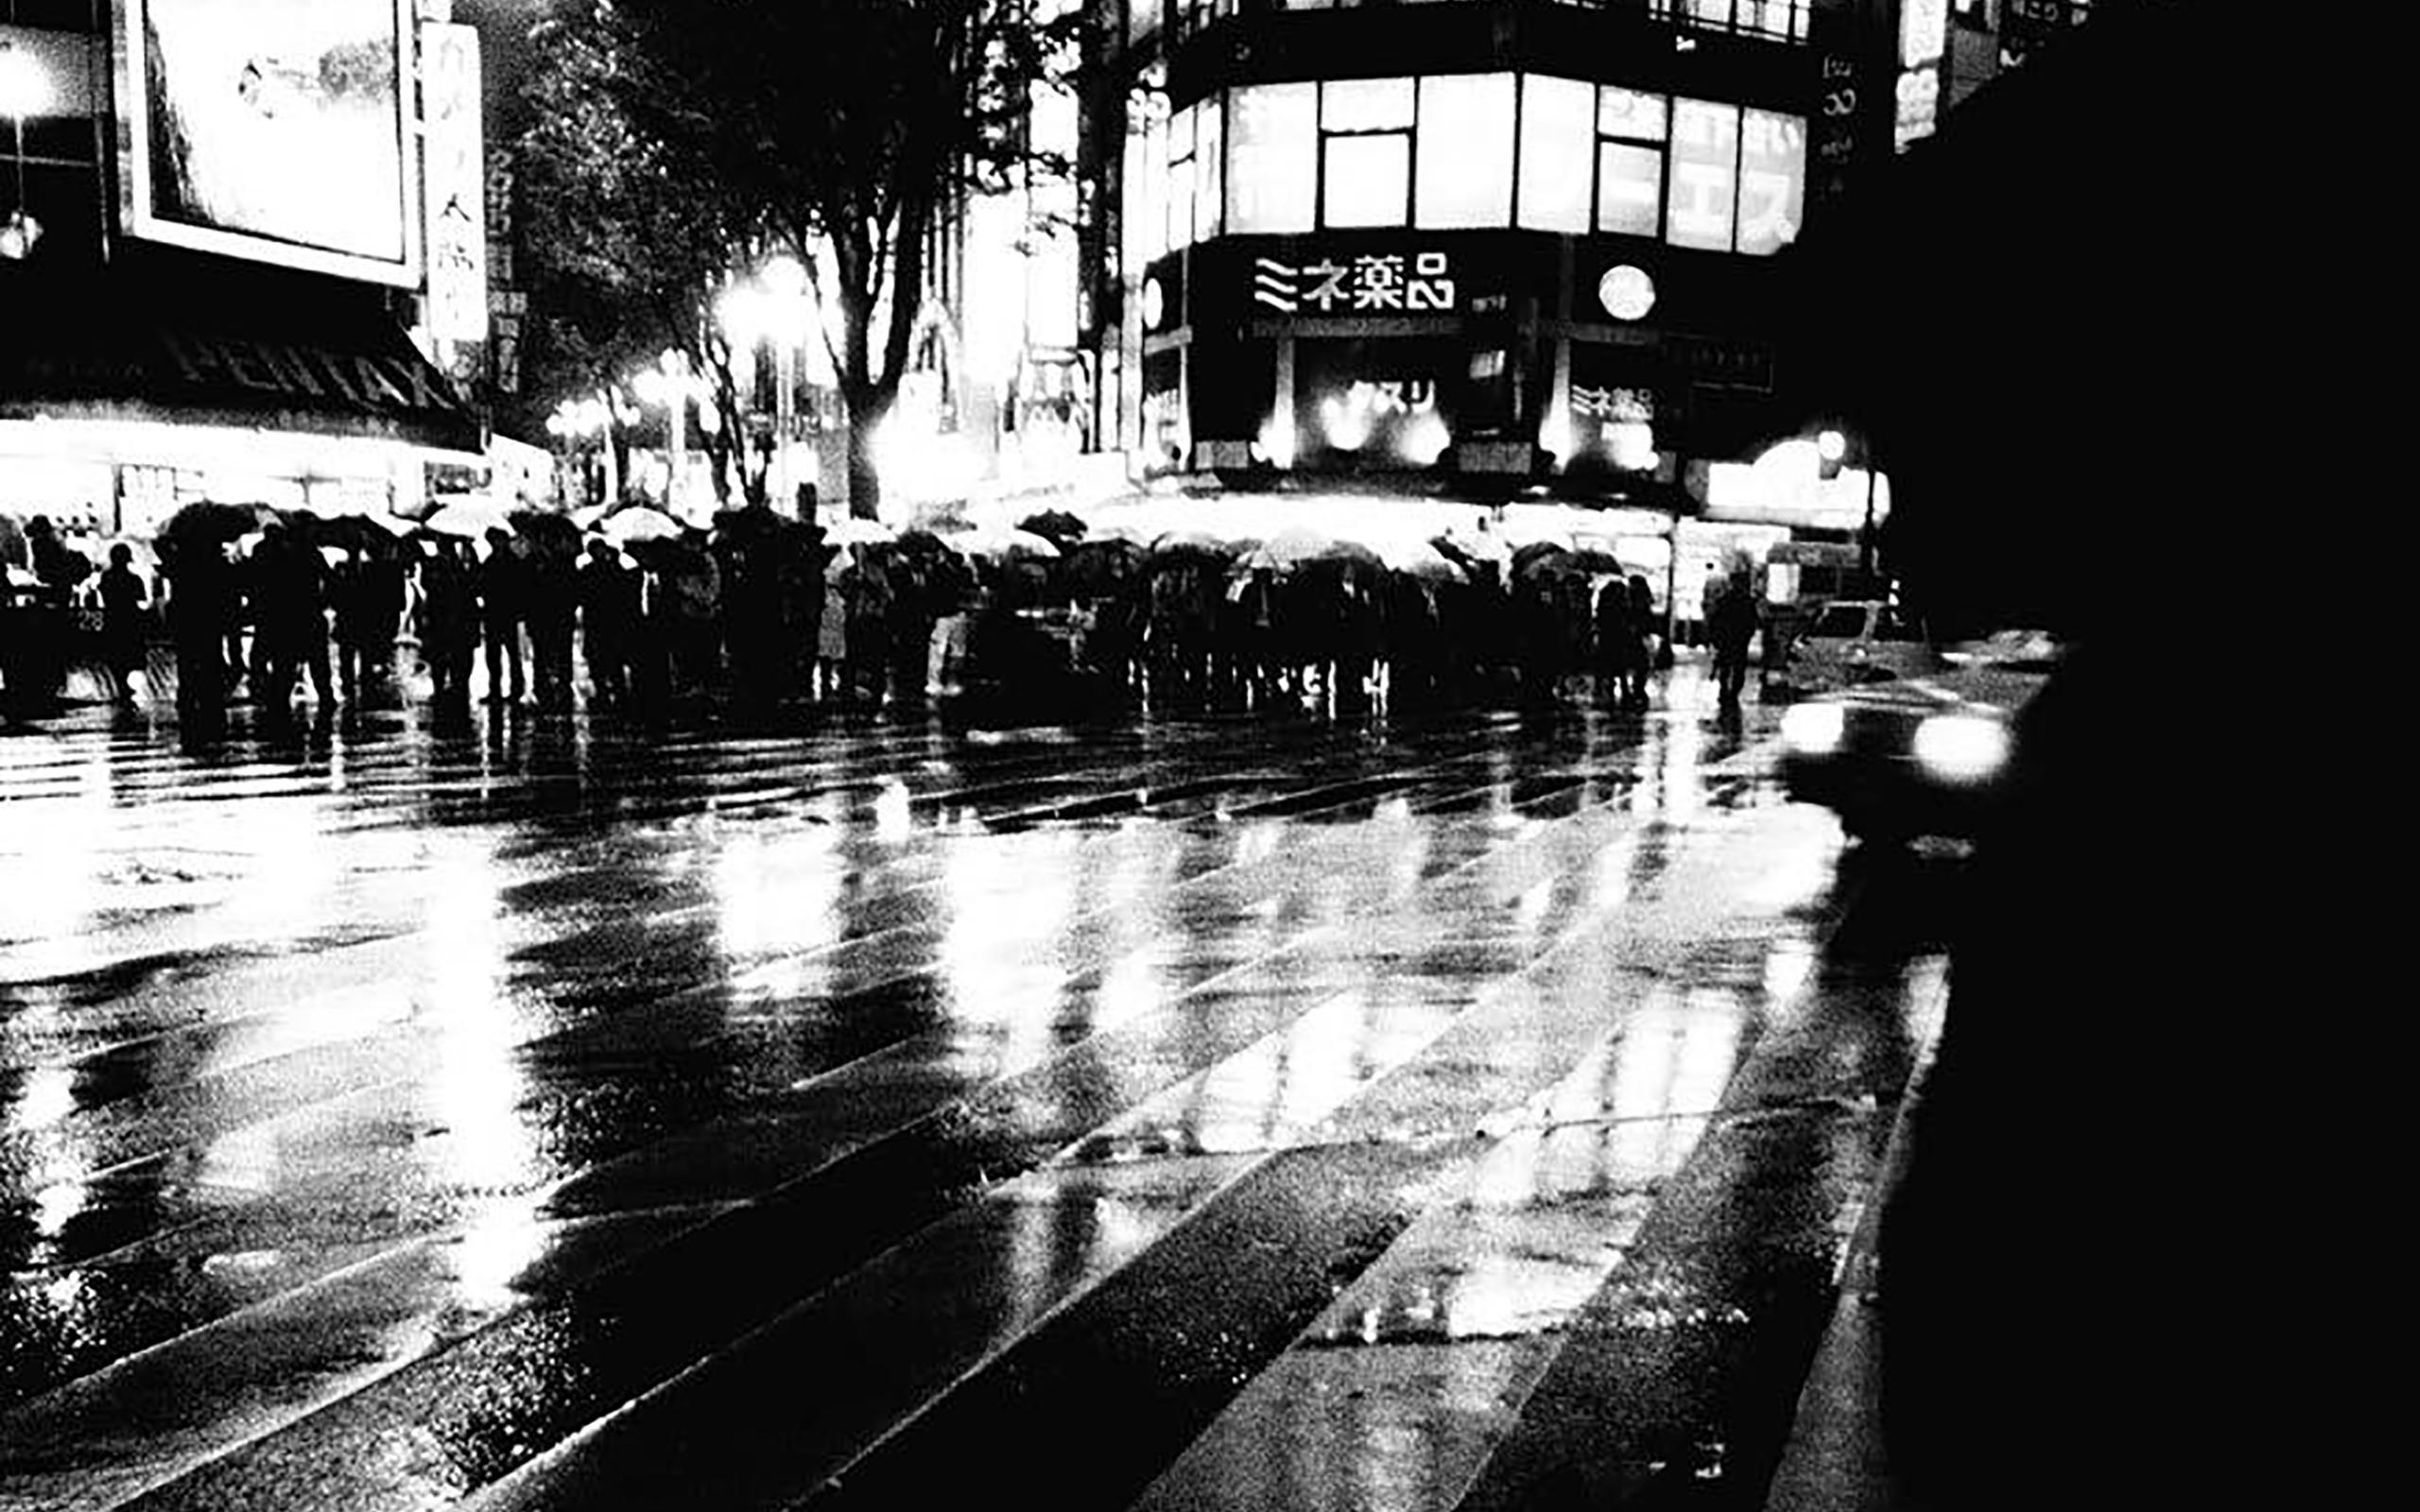 Daido Moriyama Photo Exhibition At B Gallery